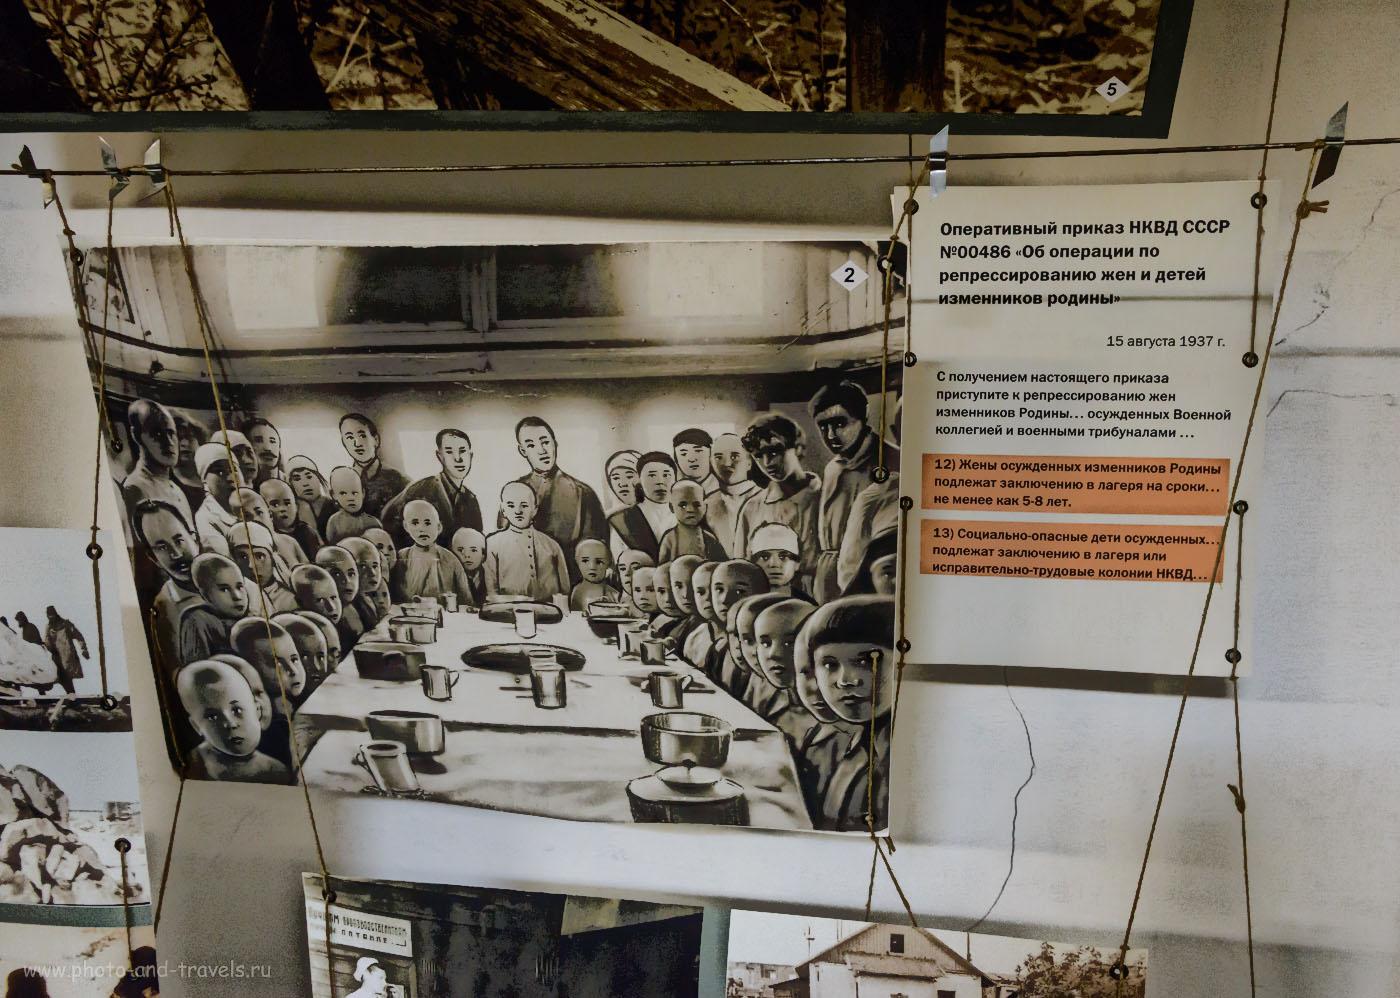 """9. Один враг народа «порождал» десятки заключенных. Музей политических репрессий в Пермском крае """"ИТК-36"""". Отчет об экскурсии. 1/80, -0.33, 4000, 24."""